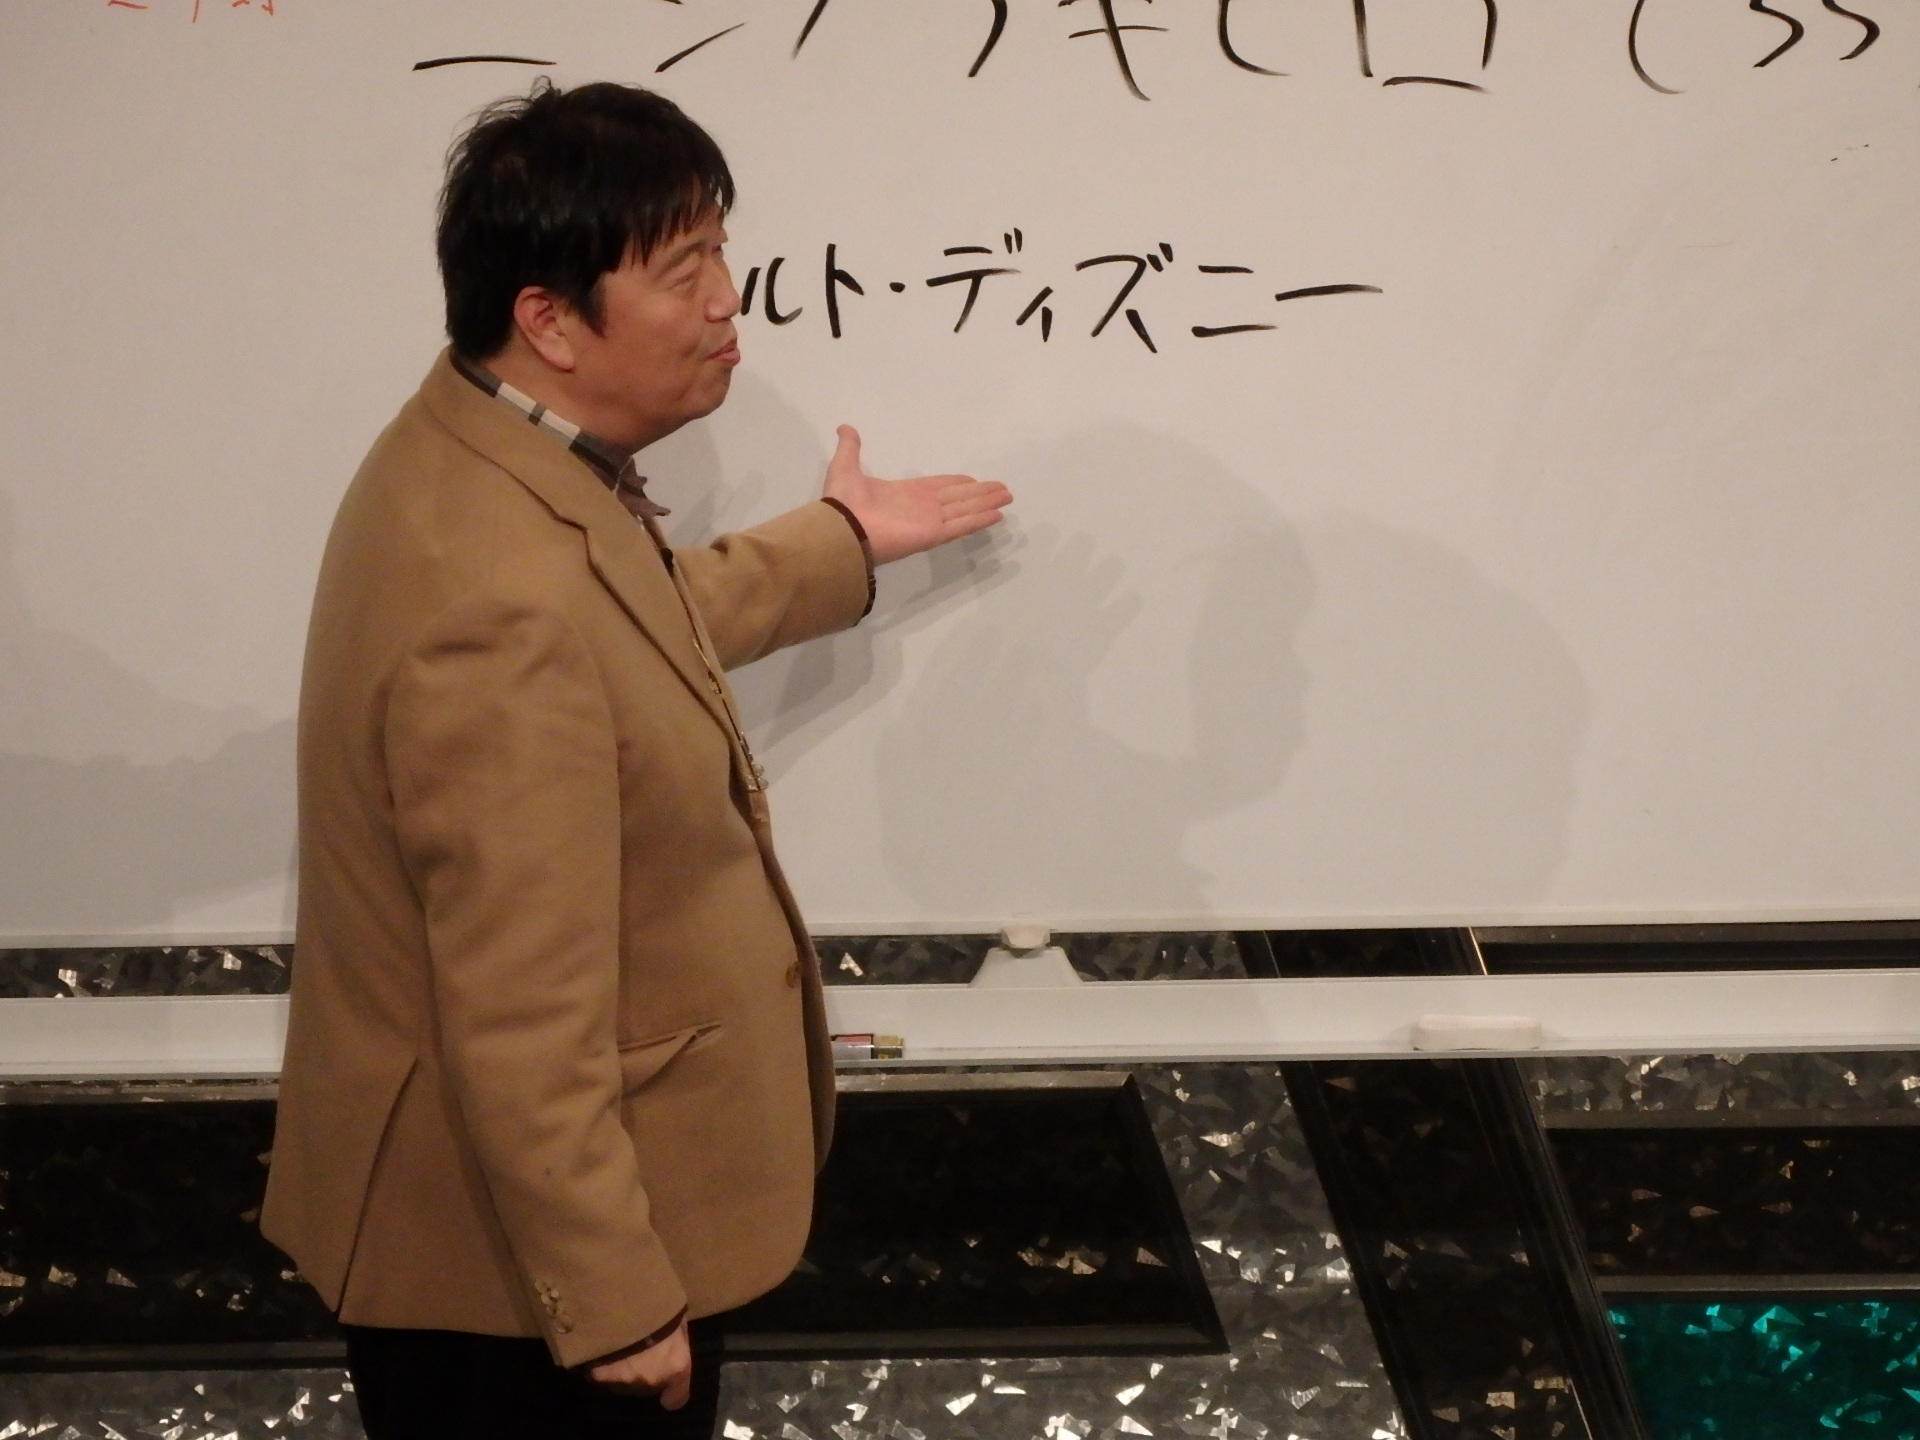 http://news.yoshimoto.co.jp/20160116181755-4f7d3e536f89f9a67bf7870dceb64fc4204ab4b4.jpg